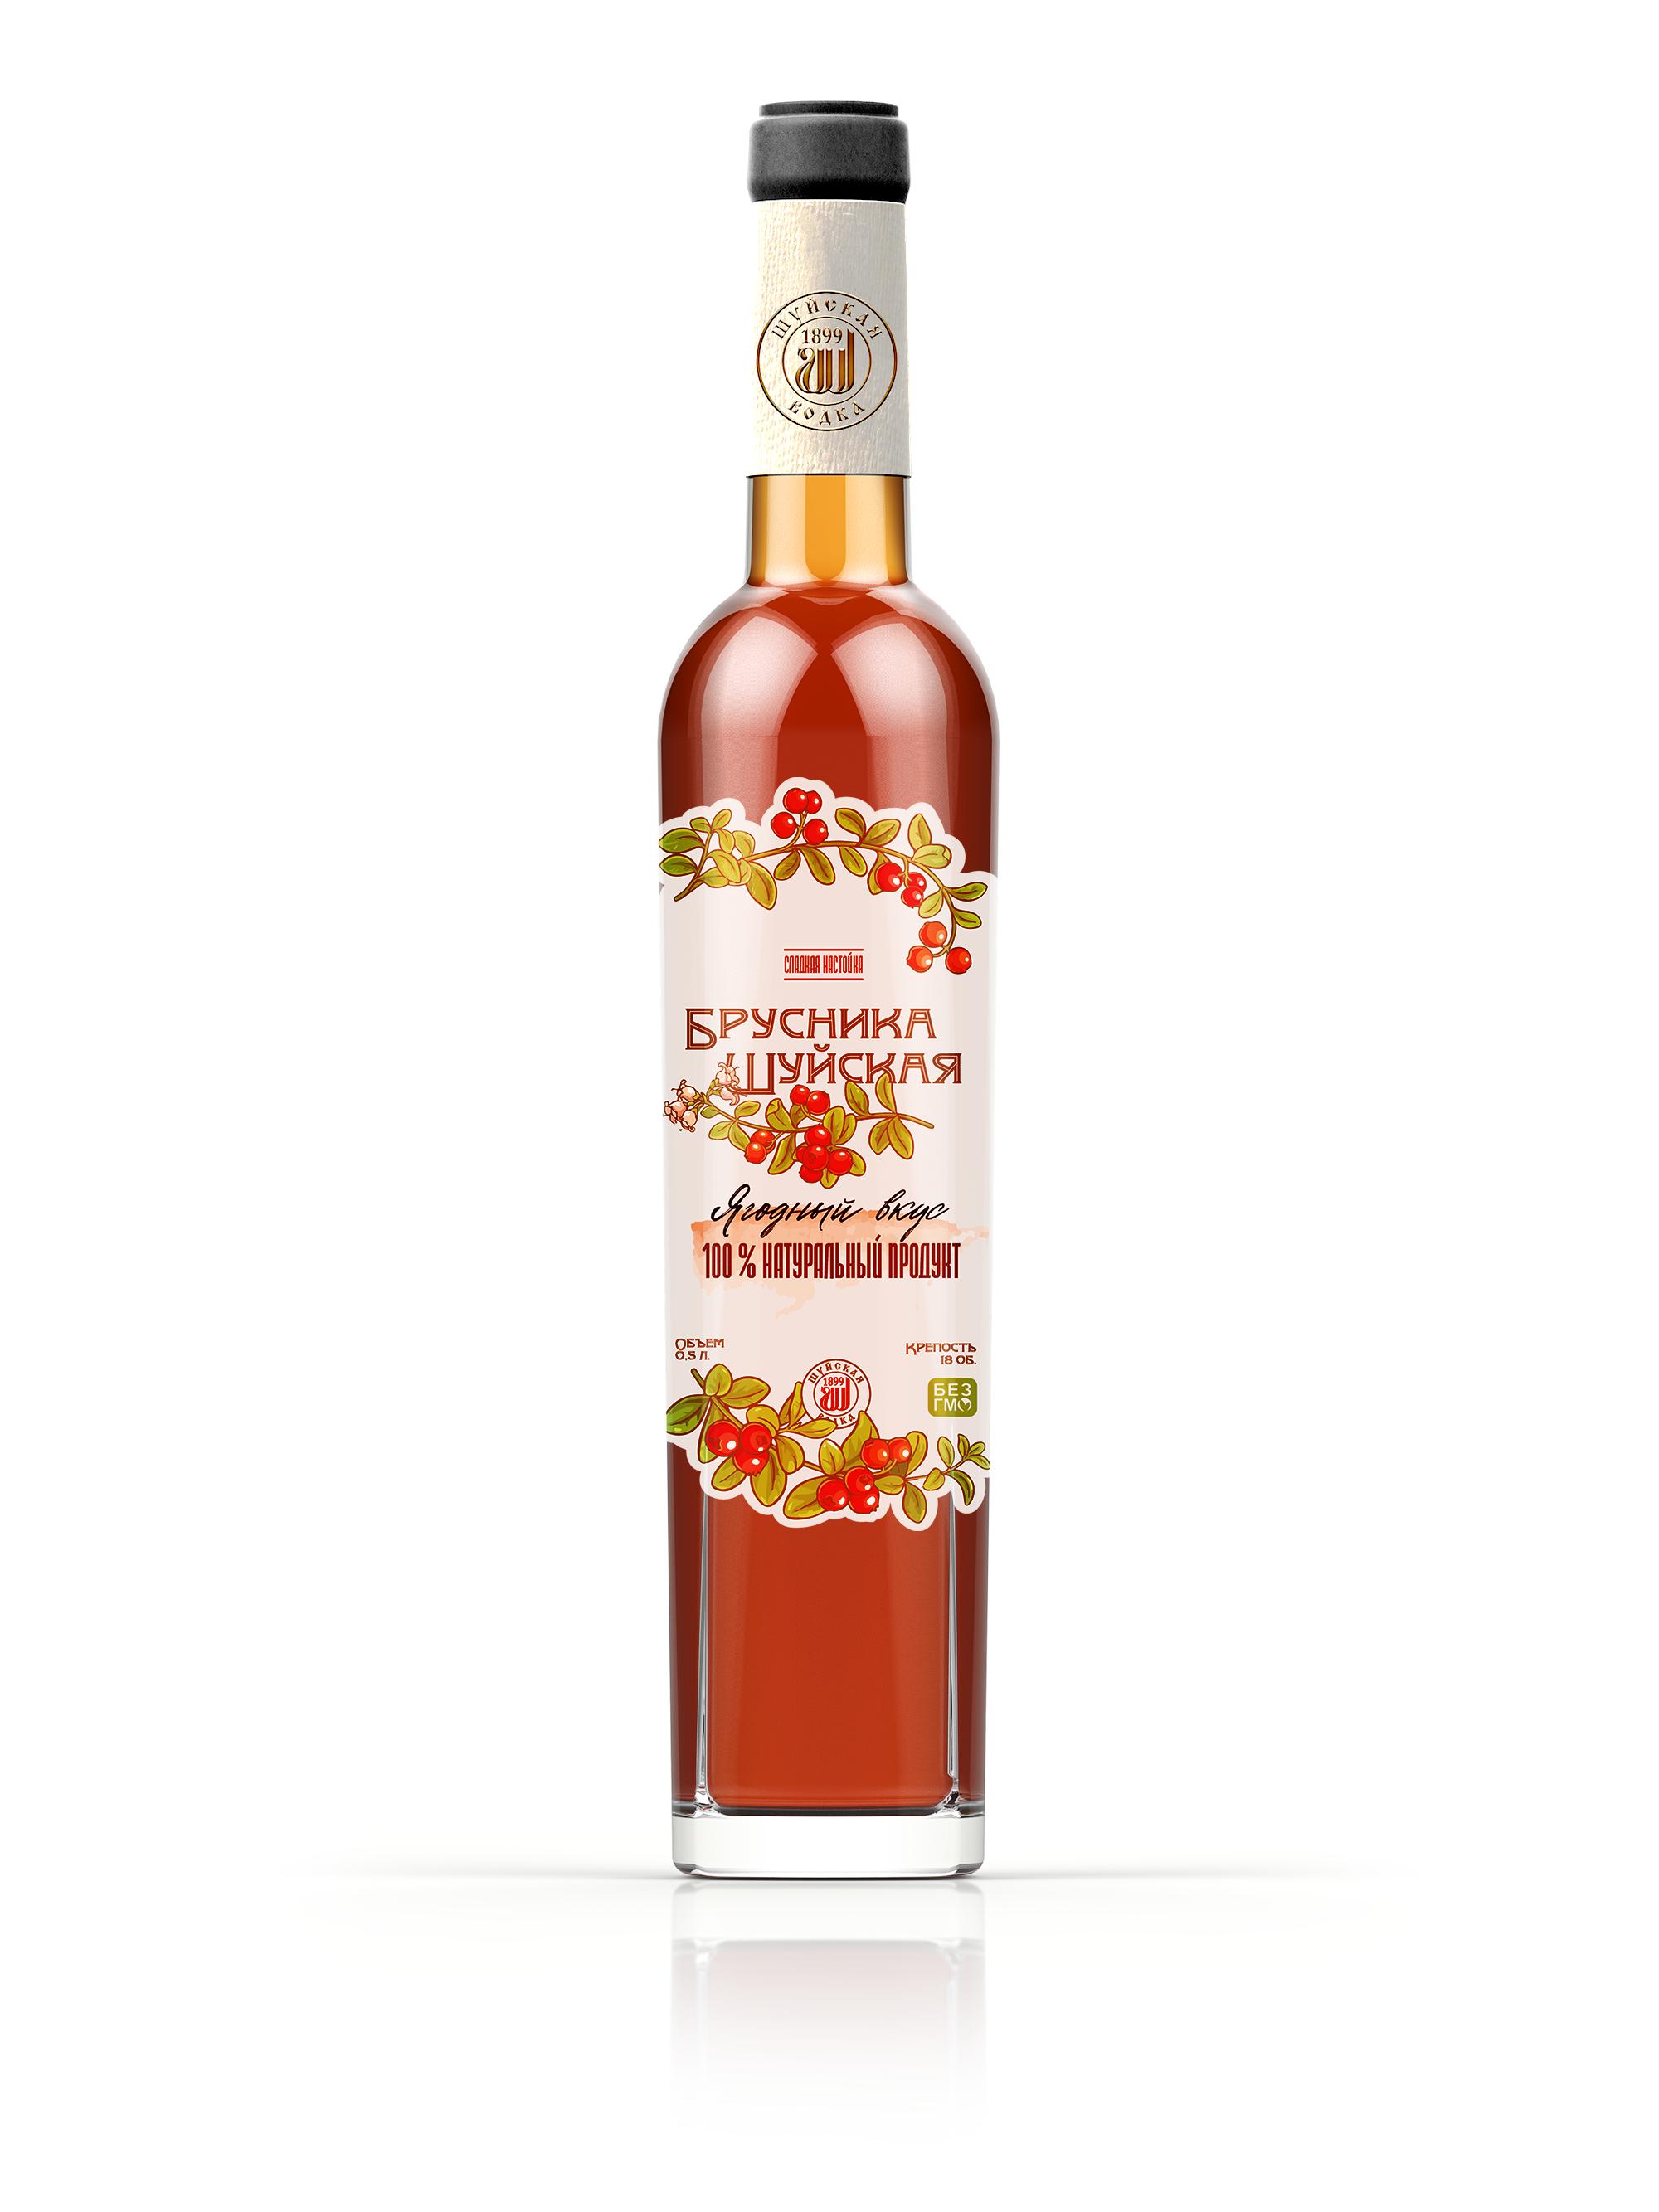 Дизайн этикетки алкогольного продукта (сладкая настойка) фото f_7375f8c743e9ad22.png